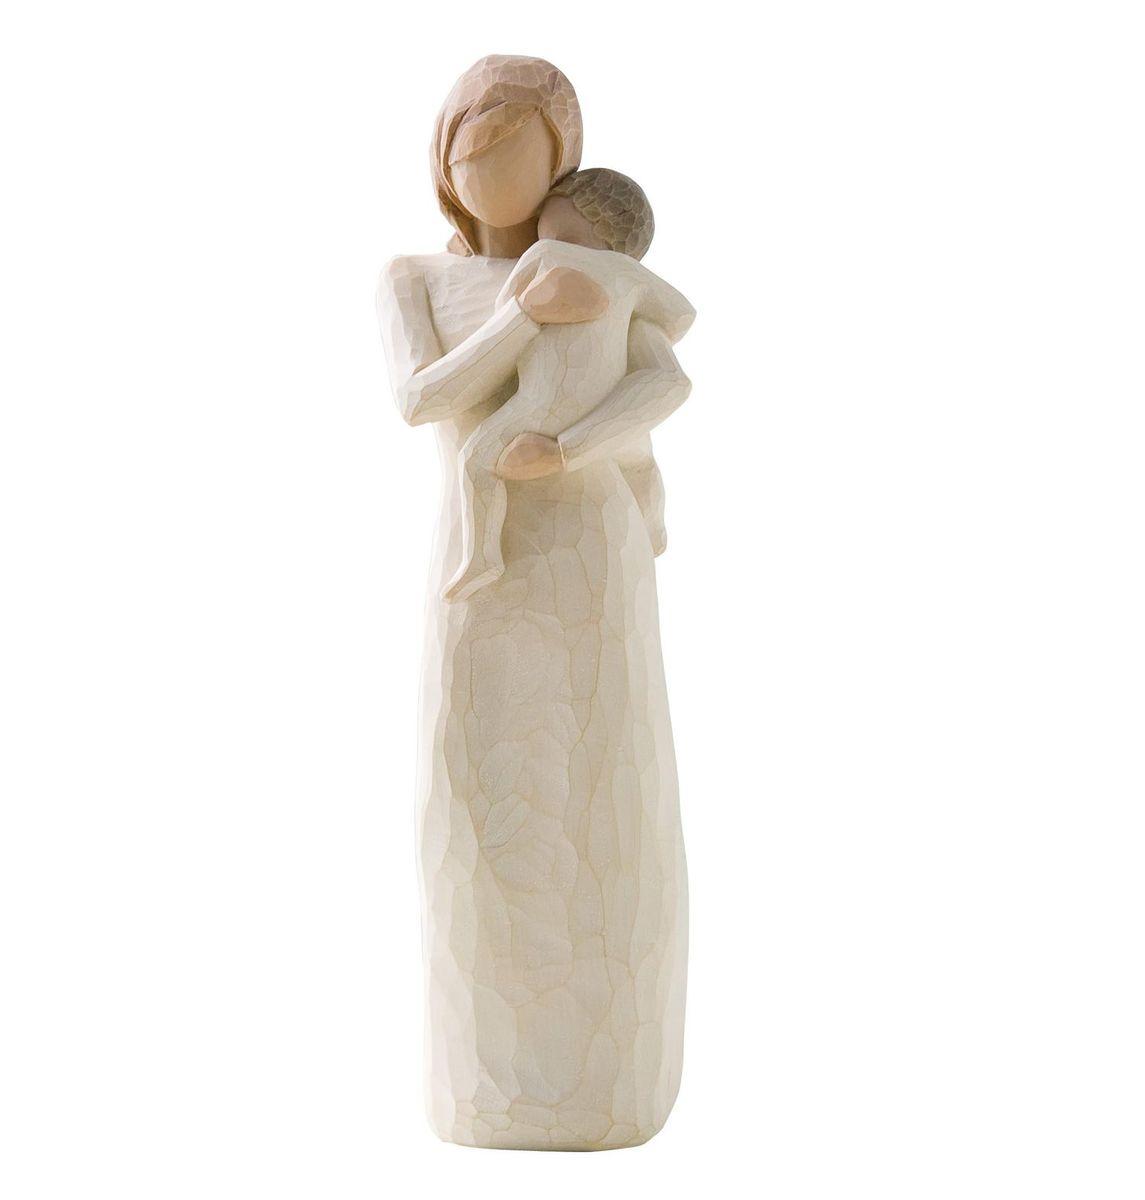 Фигурка Willow Tree Дитя моего сердца, 22 см26169Эти прекрасные статуэтки созданы канадским скульптором Сьюзан Лорди. Каждая фигурка – это настоящее произведение искусства, образная скульптура в миниатюре, изображающая эмоции и чувства, которые помогают нам чувствовать себя ближе к другим, верить в мечту, выражать любовь. Каждая фигурка помещена в красивую упаковку. Купить такой оригинальный подарок, значит не только украсить интерьер помещения или жилой комнаты, но выразить свое глубокое отношение к любимому человеку. Этот прекрасный сувенир будет лучшим подарком на день ангела, именины, день рождения, юбилей. Материал: Искусственный камень (49% карбонат кальция мелкозернистой разновидности, 51% искусственный камень)